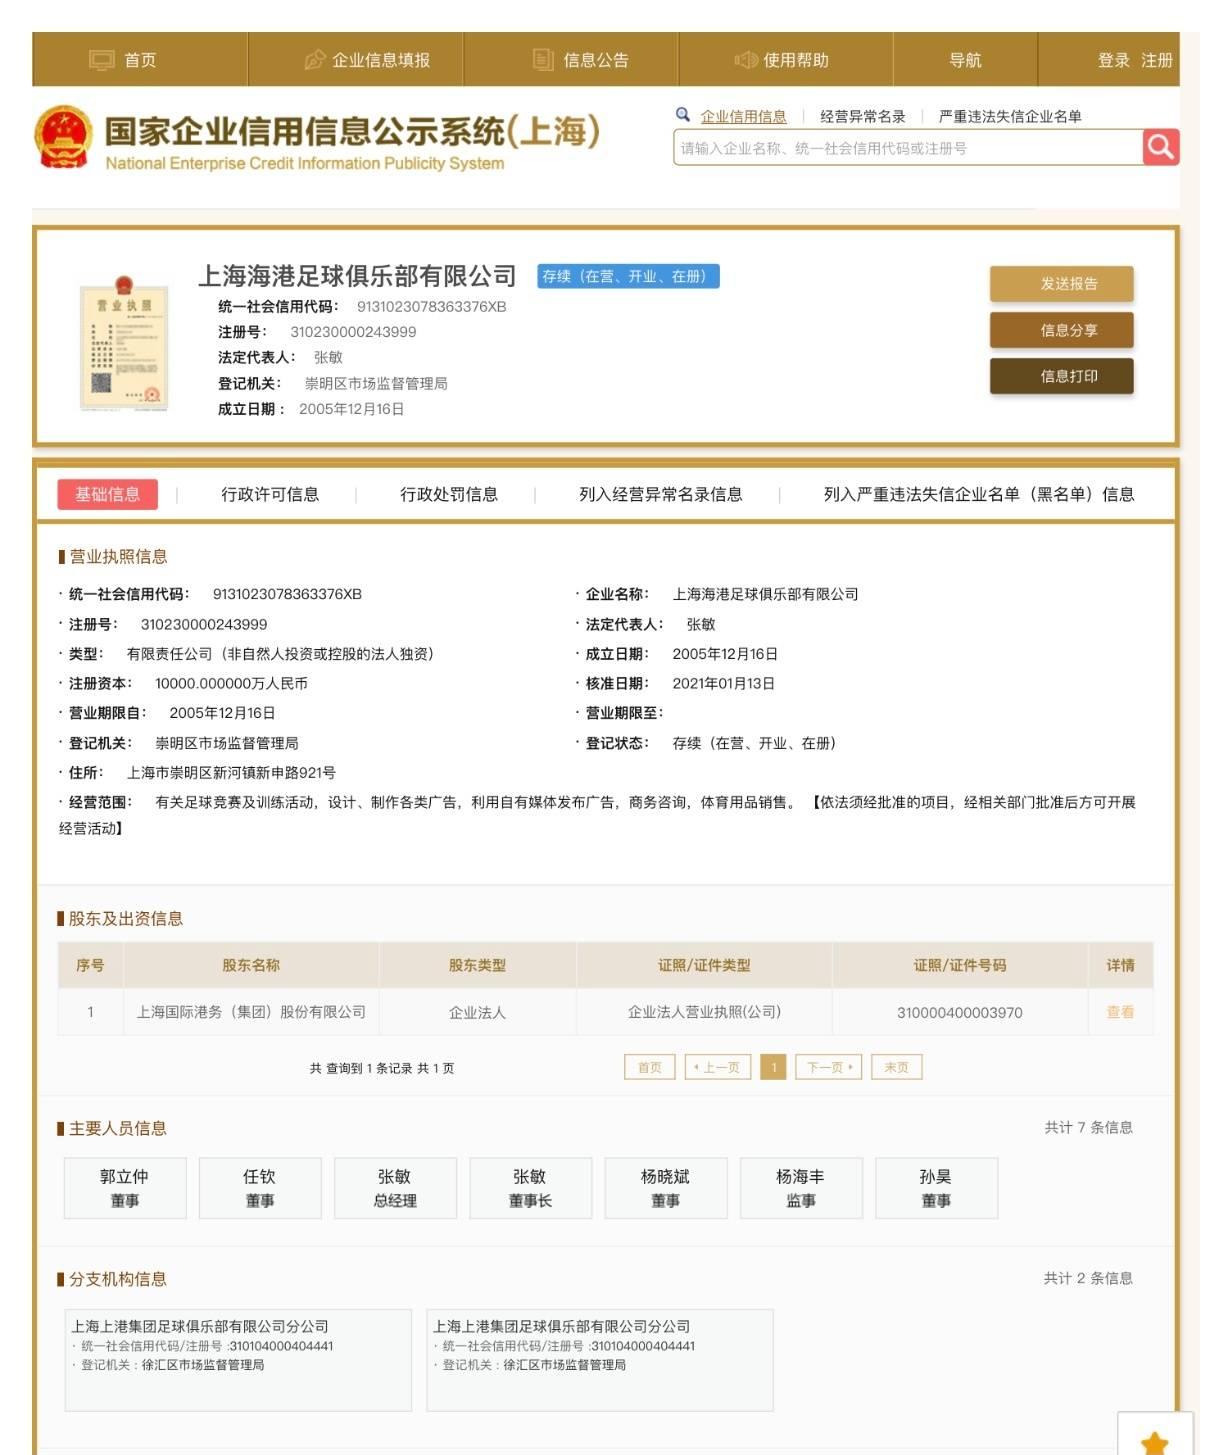 上港人士:新名字很有特色 若叫上海队争议会更大